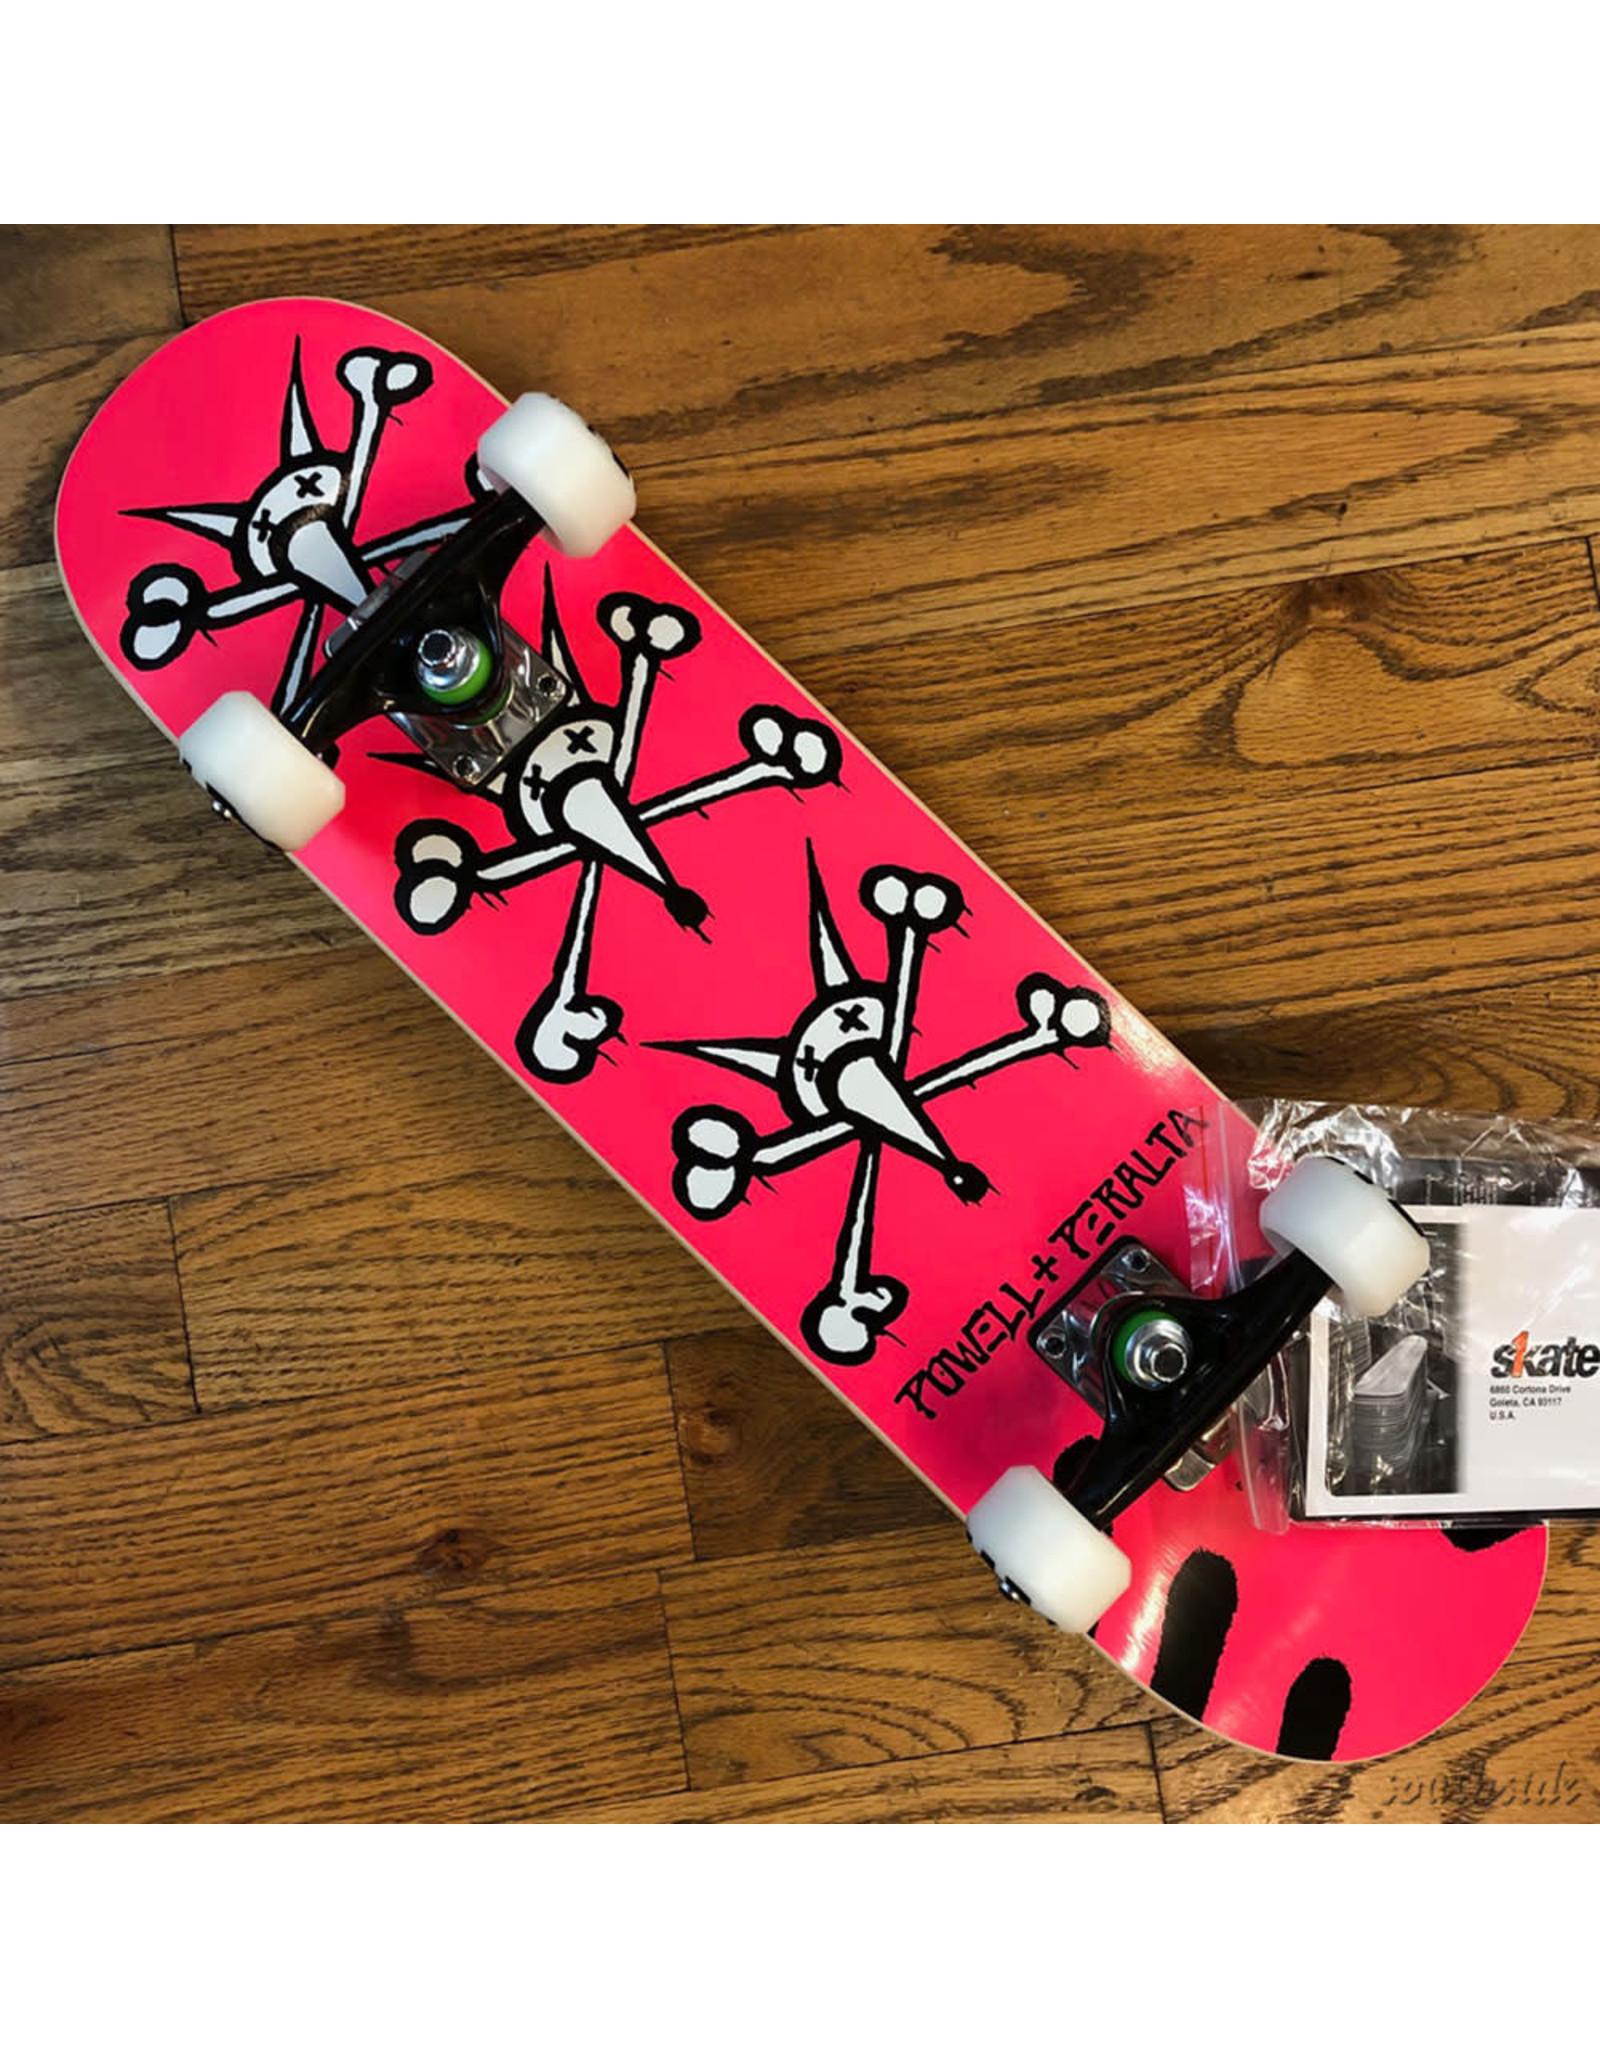 Powell Peralta Vato Rats 7.0 Pink Complete Mini